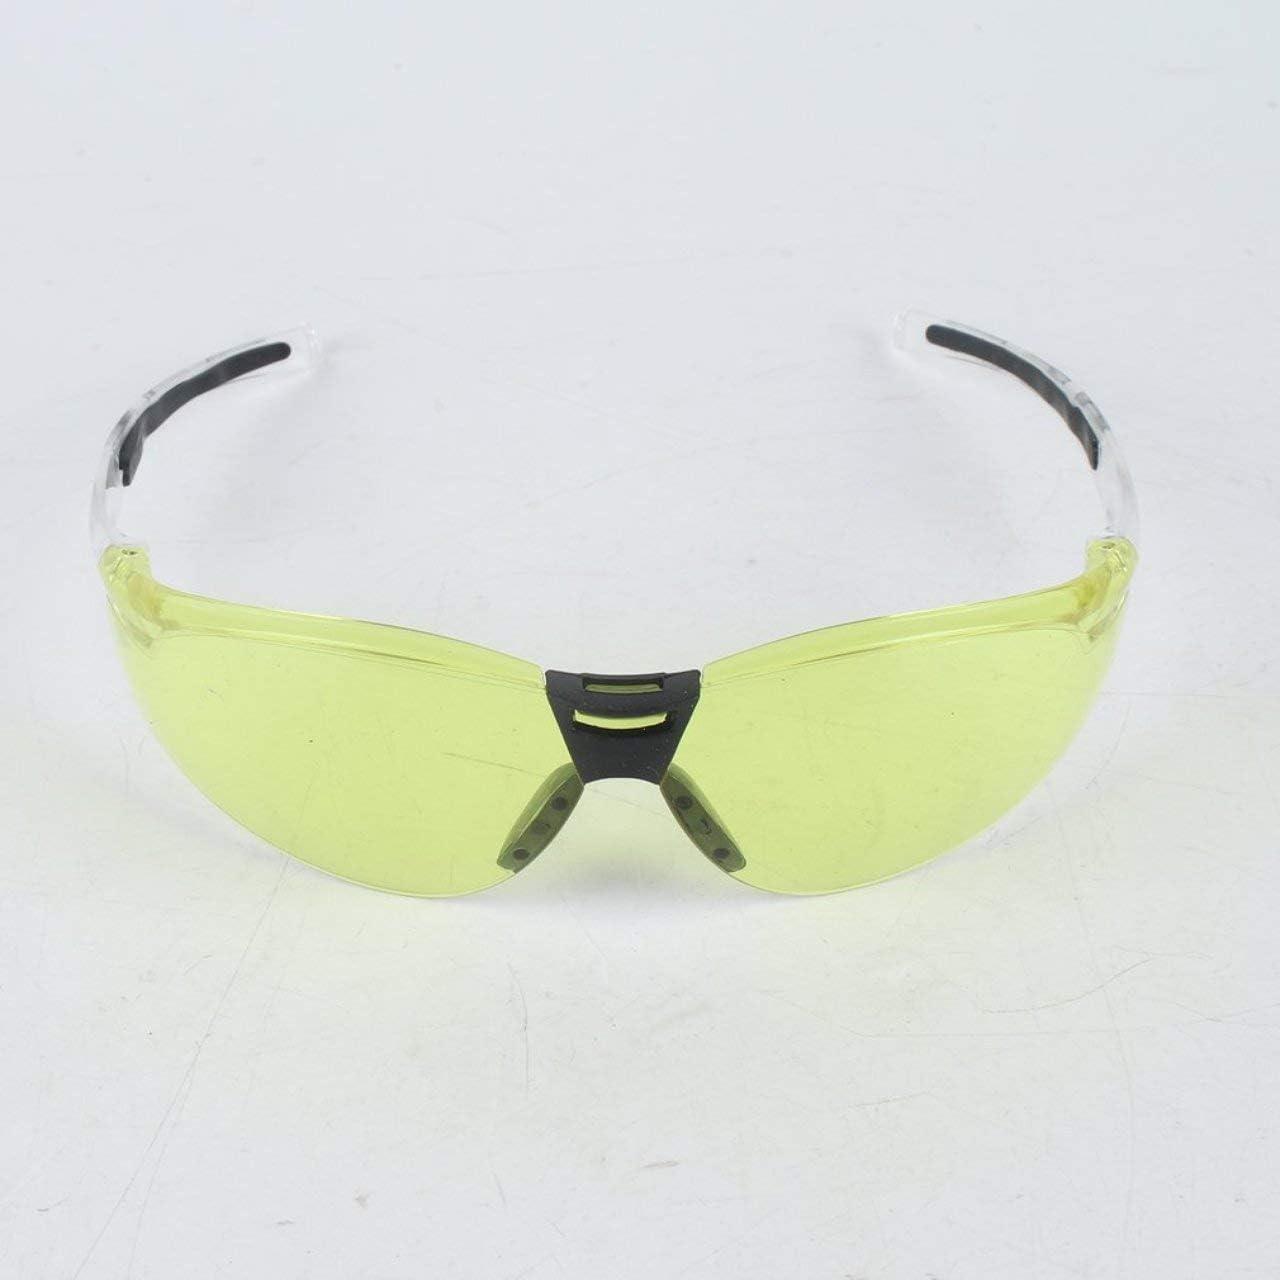 Gelb PC Schutzbrille UV-Schutz Motorradbrille Staub Wind Spritzwassergesch/ützt Hochfeste Schlagfestigkeit f/ür Reiten Radfahren DEjasnyfall